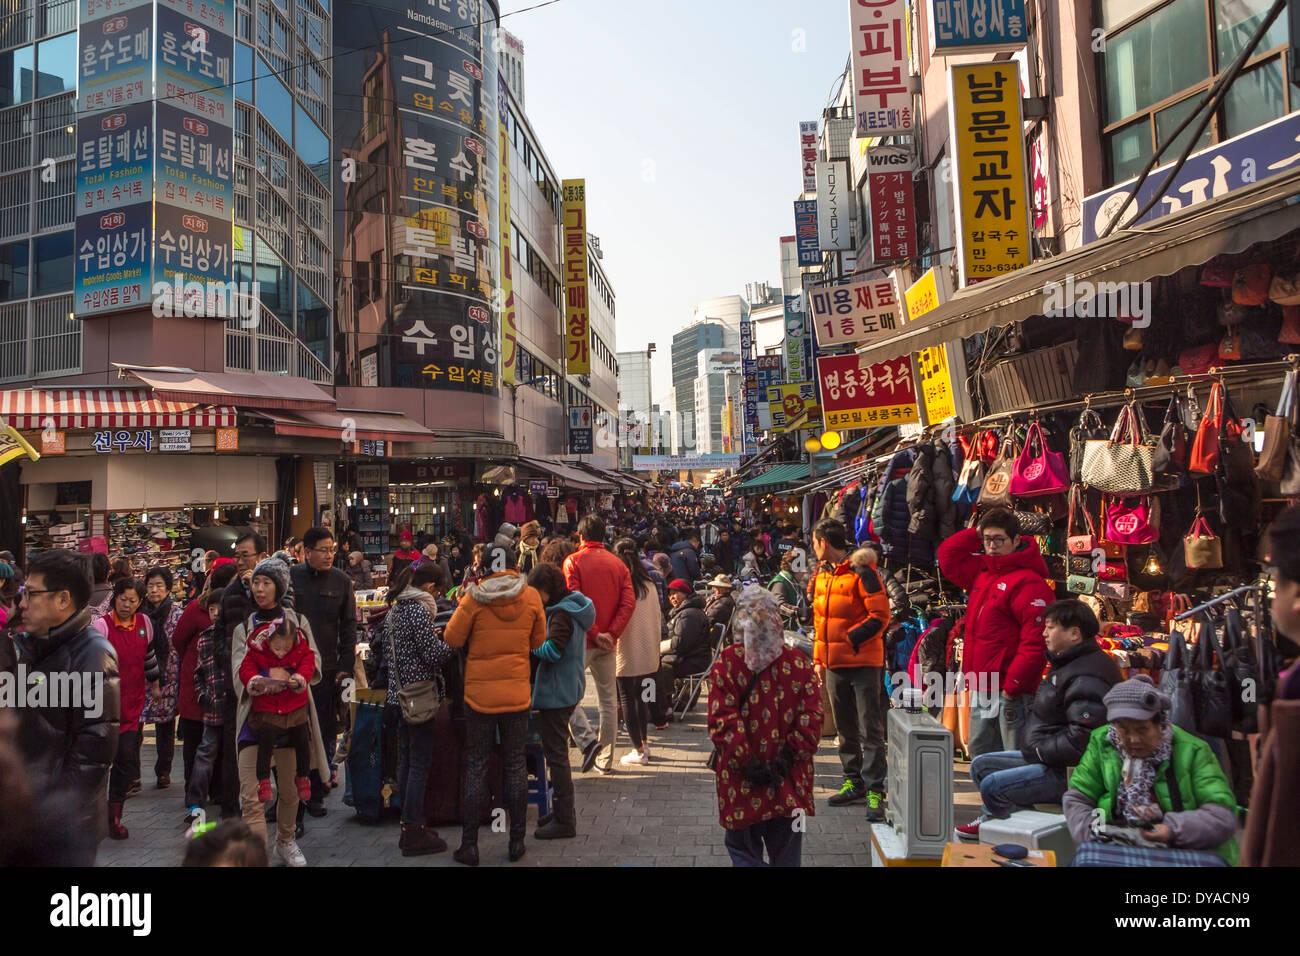 Corea Asia a Myeongdong Seoul città colorato mercato landmark scena popolare via dello shopping tradizionale turistico peopl viaggi Immagini Stock